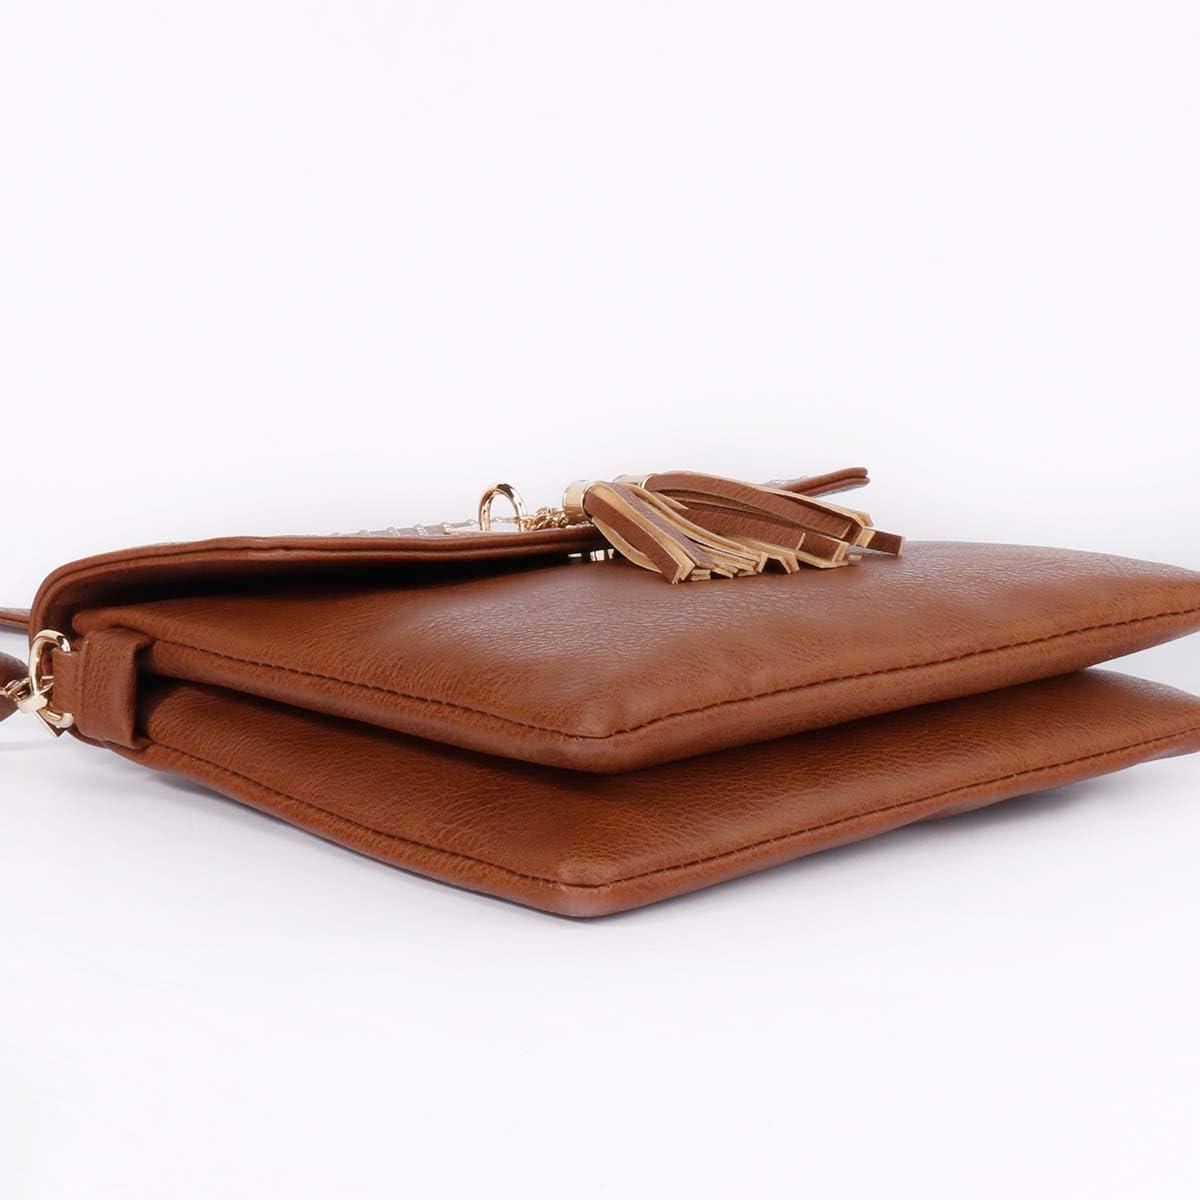 Leather Rivet Crossbody Purse Shoulder Bag for Women